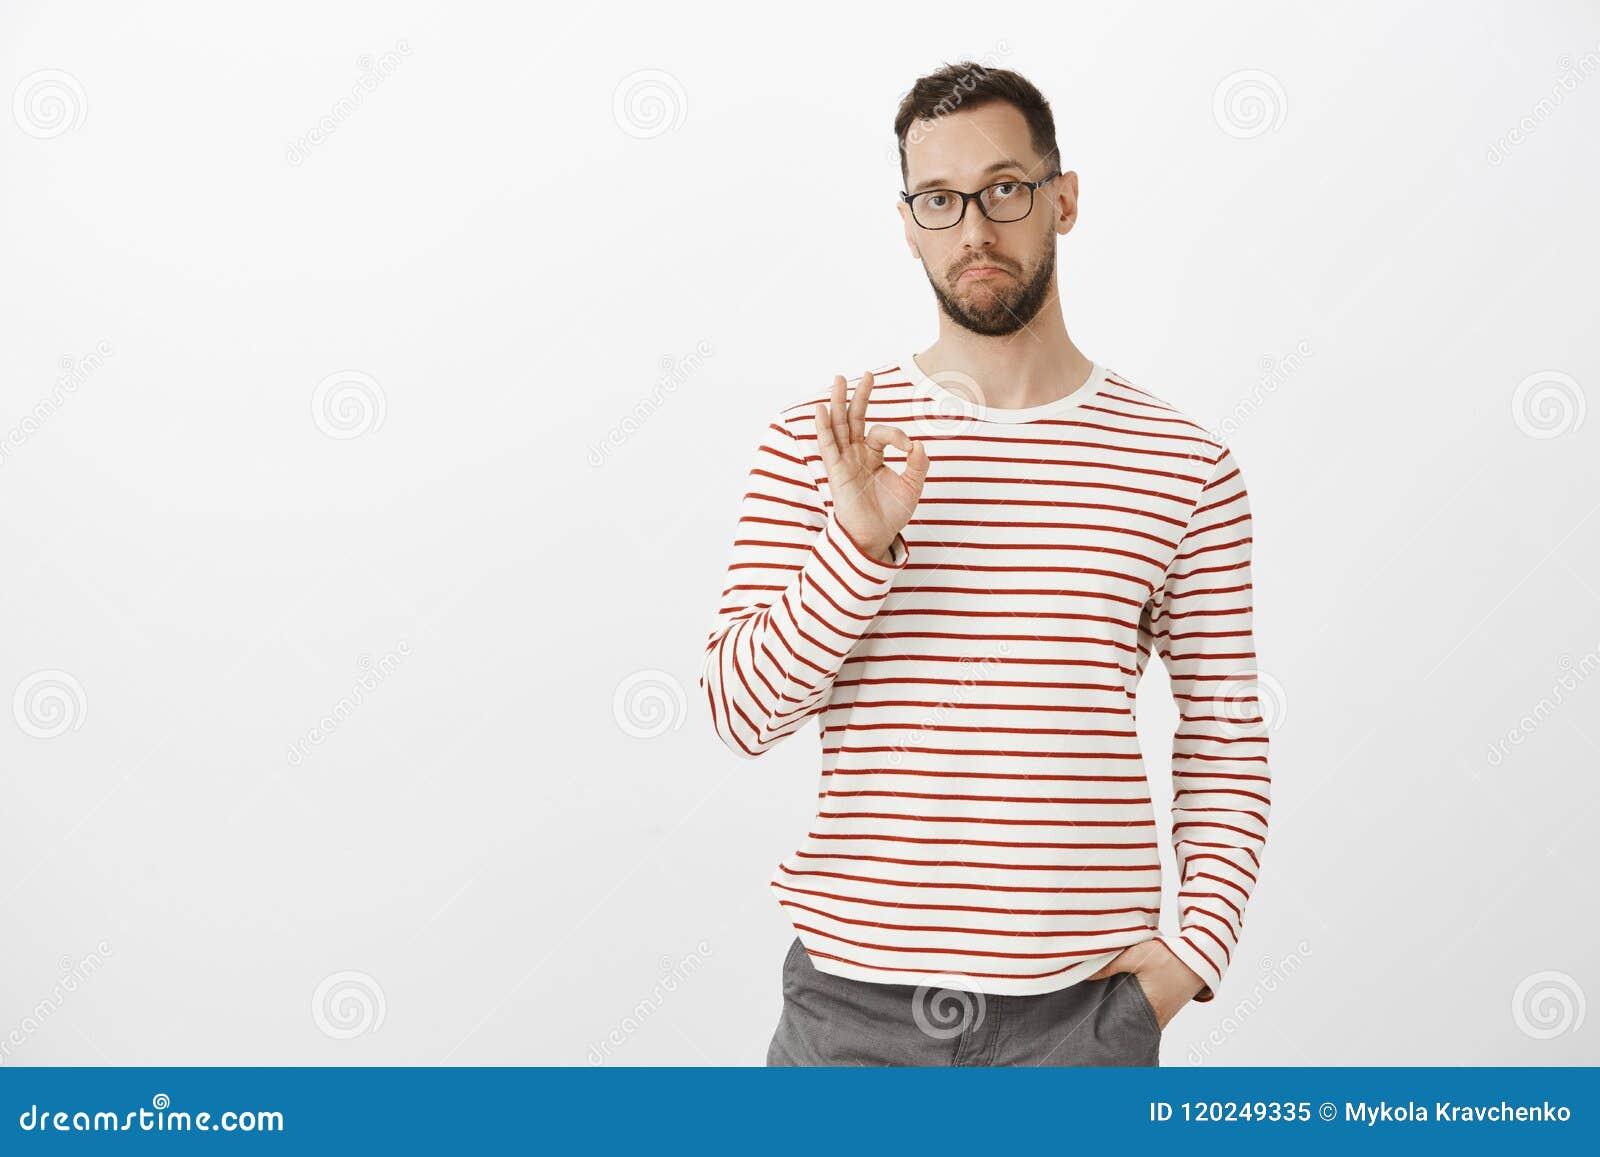 Zły, jak twój pomysł, dobra praca Zadowolony imponujący atrakcyjny dojrzały facet w szkłach i paskujących ubraniach pokazuje ok,